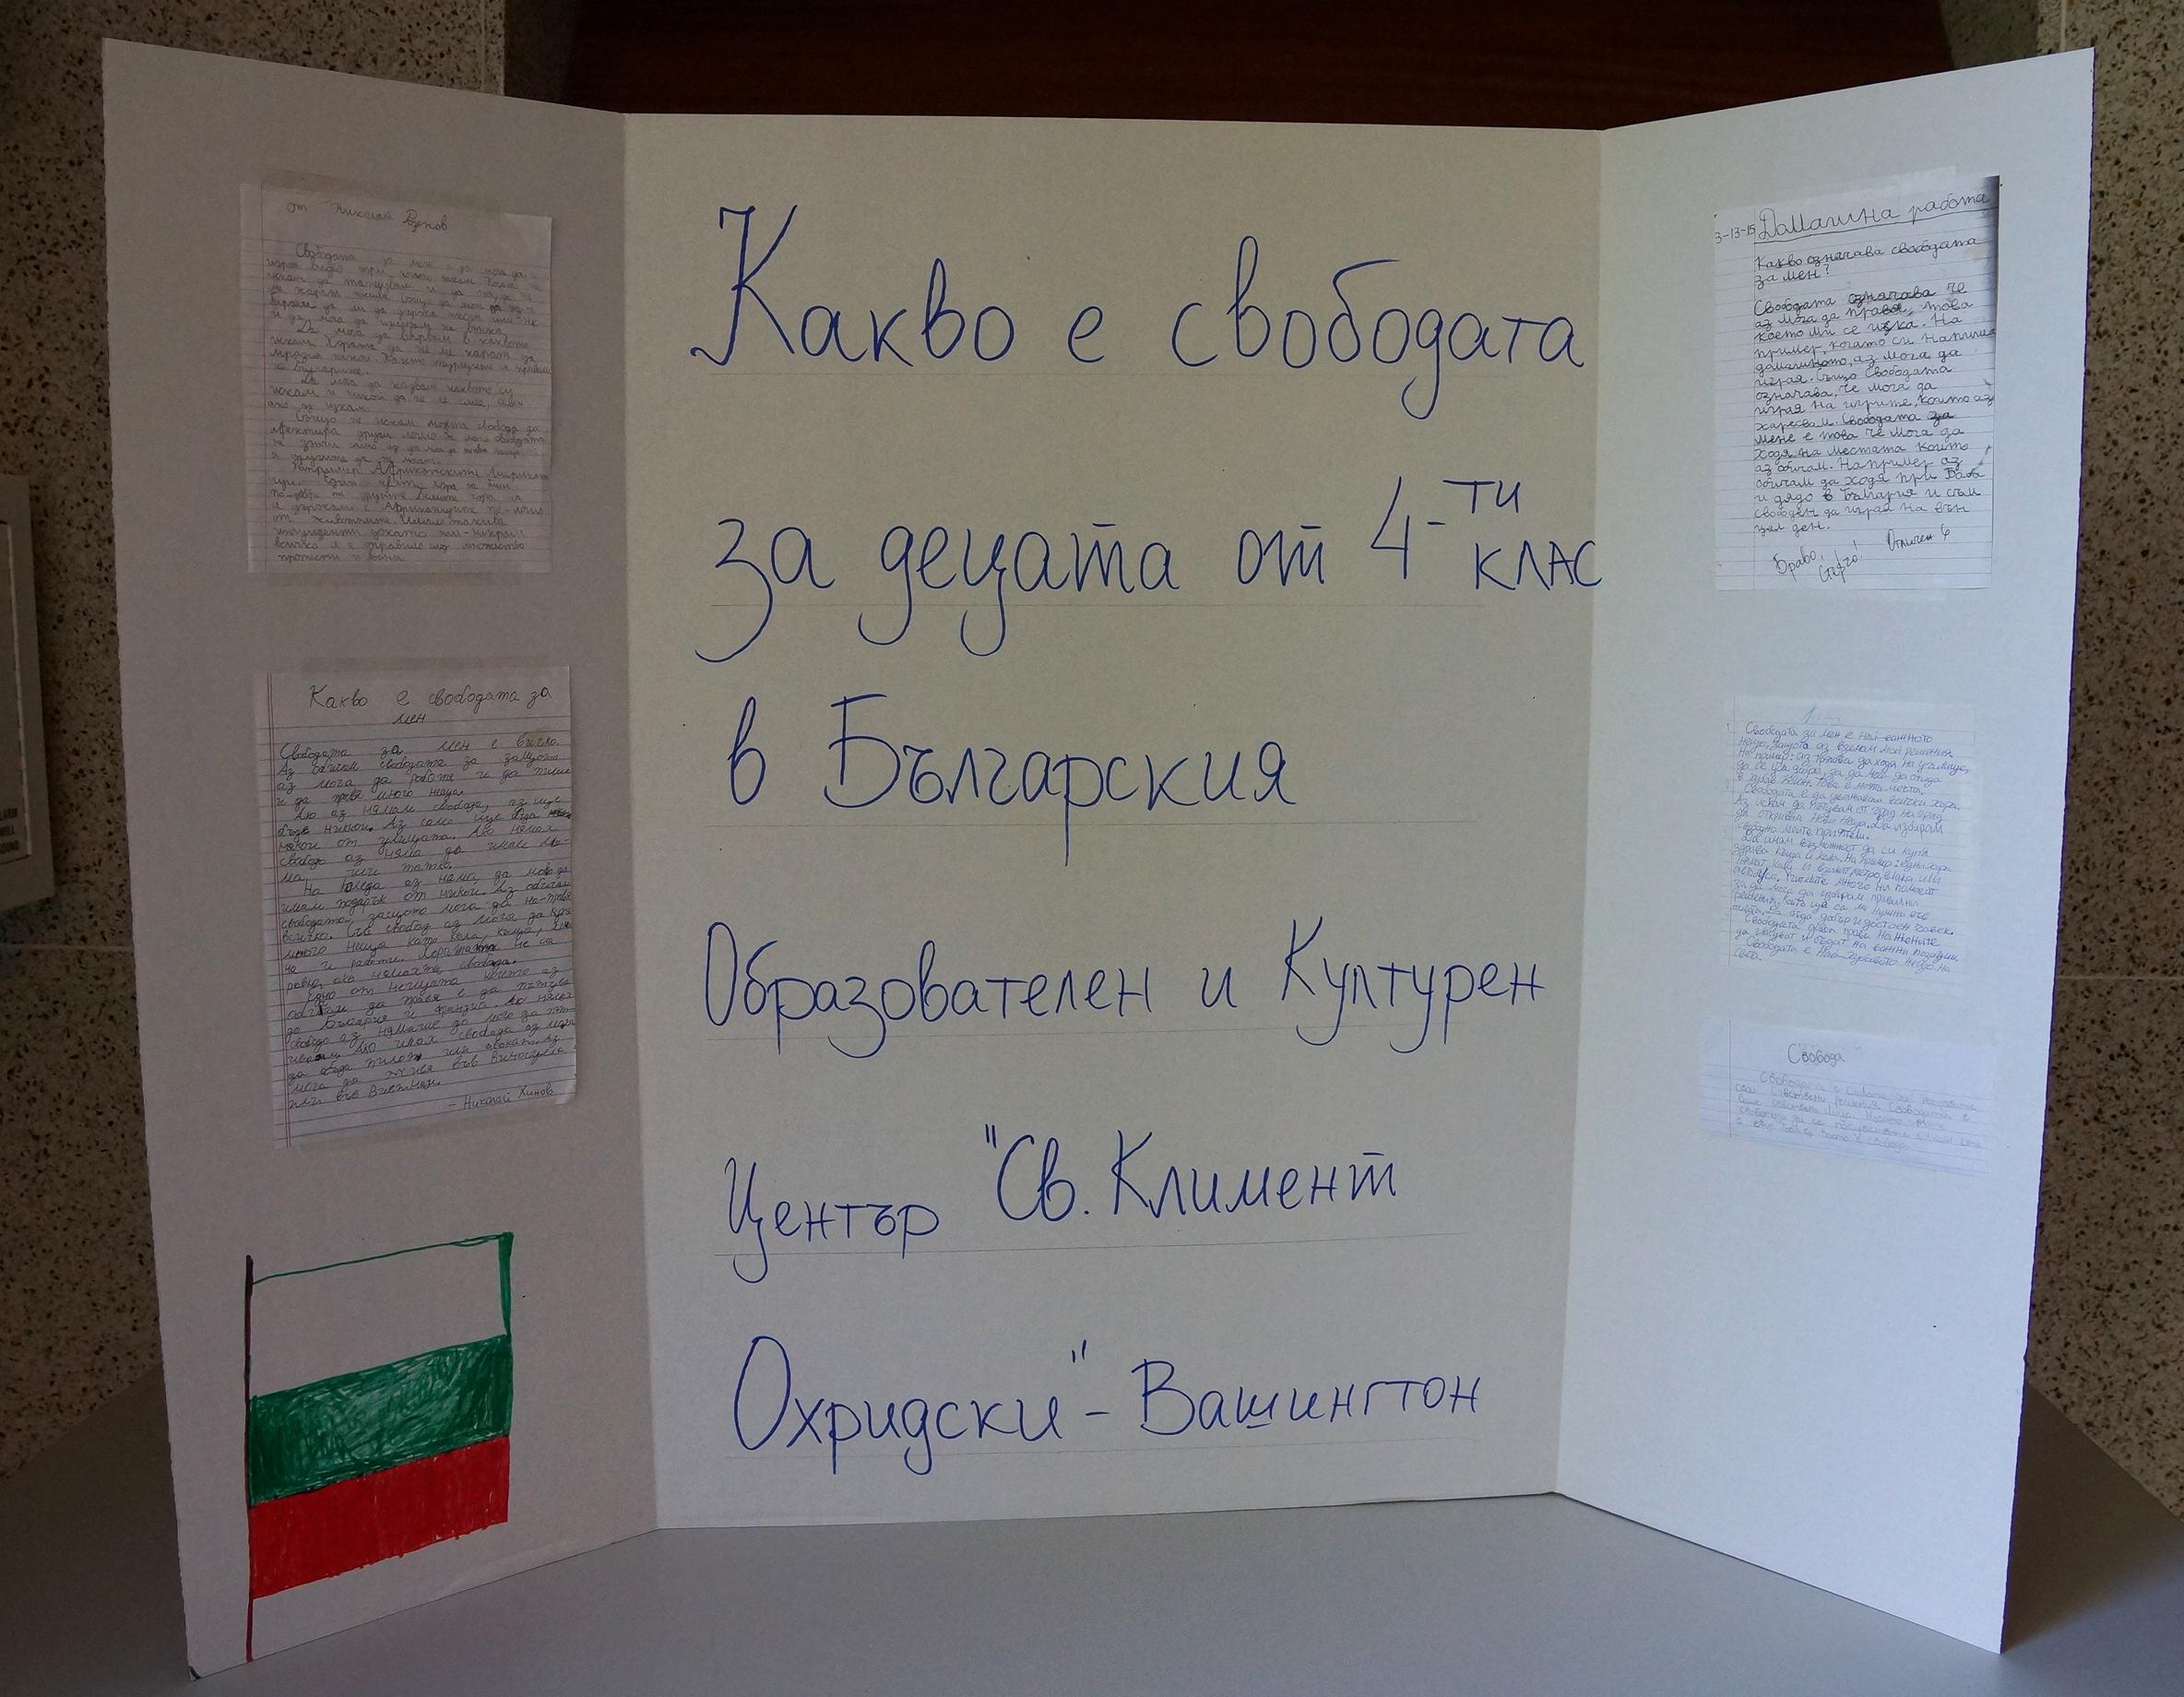 """Какво е свободата за децата от 4 клас в БОКЦ """"Св. Климент Охридски"""" - Вашингтон"""